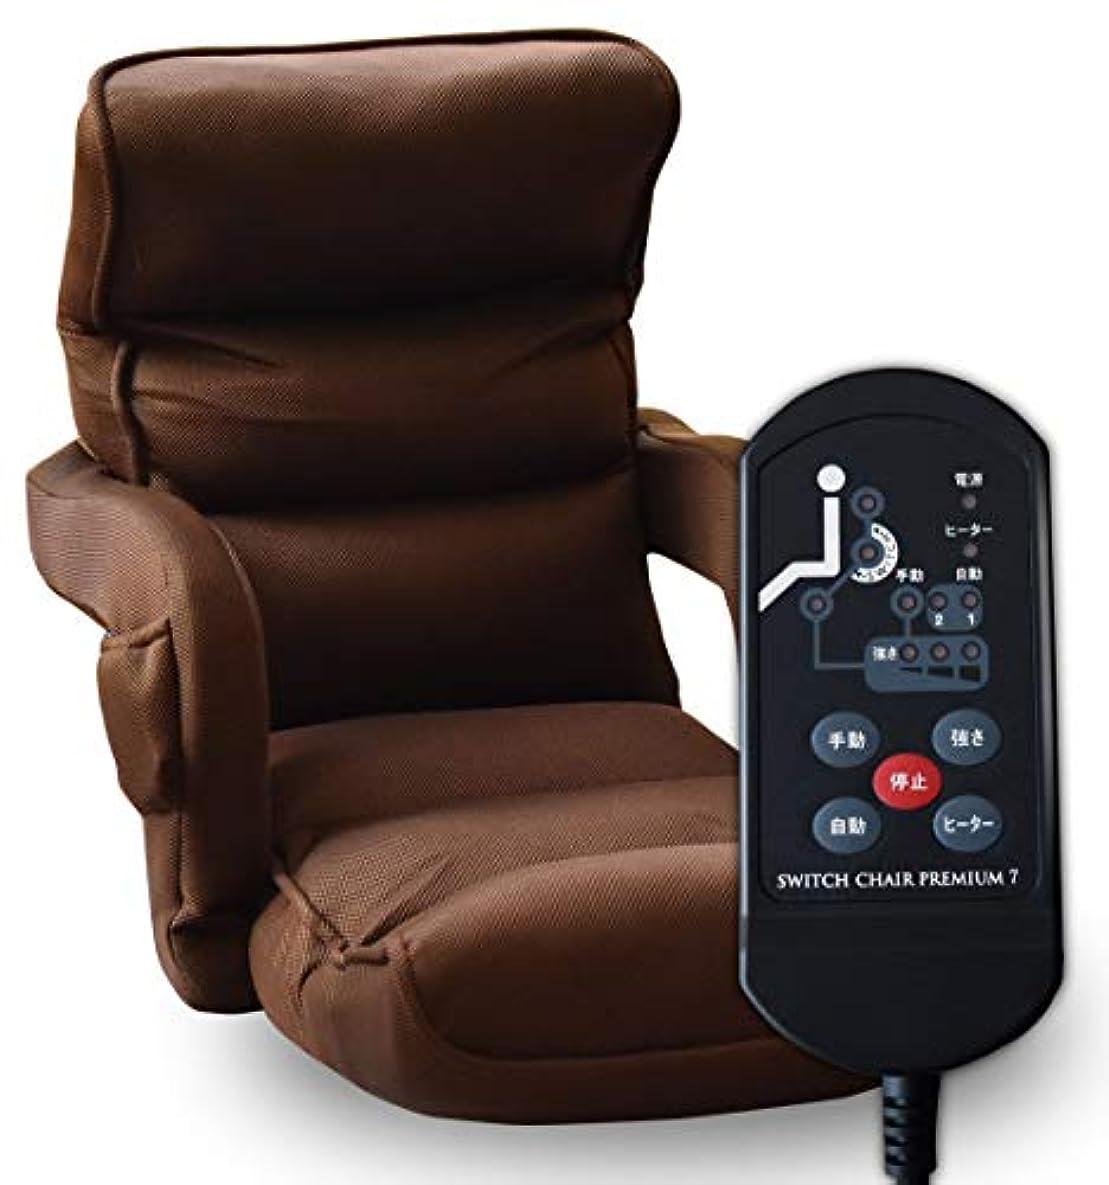 誰適性名誉あるSWITCH CHAIR PREMIUM 7 マッサージ器 マッサージ機 肘掛け付き座椅子 マッサージ ヒーター 首 肩 腰 肩こり 背中 マッサージチェア ショコラブラウン